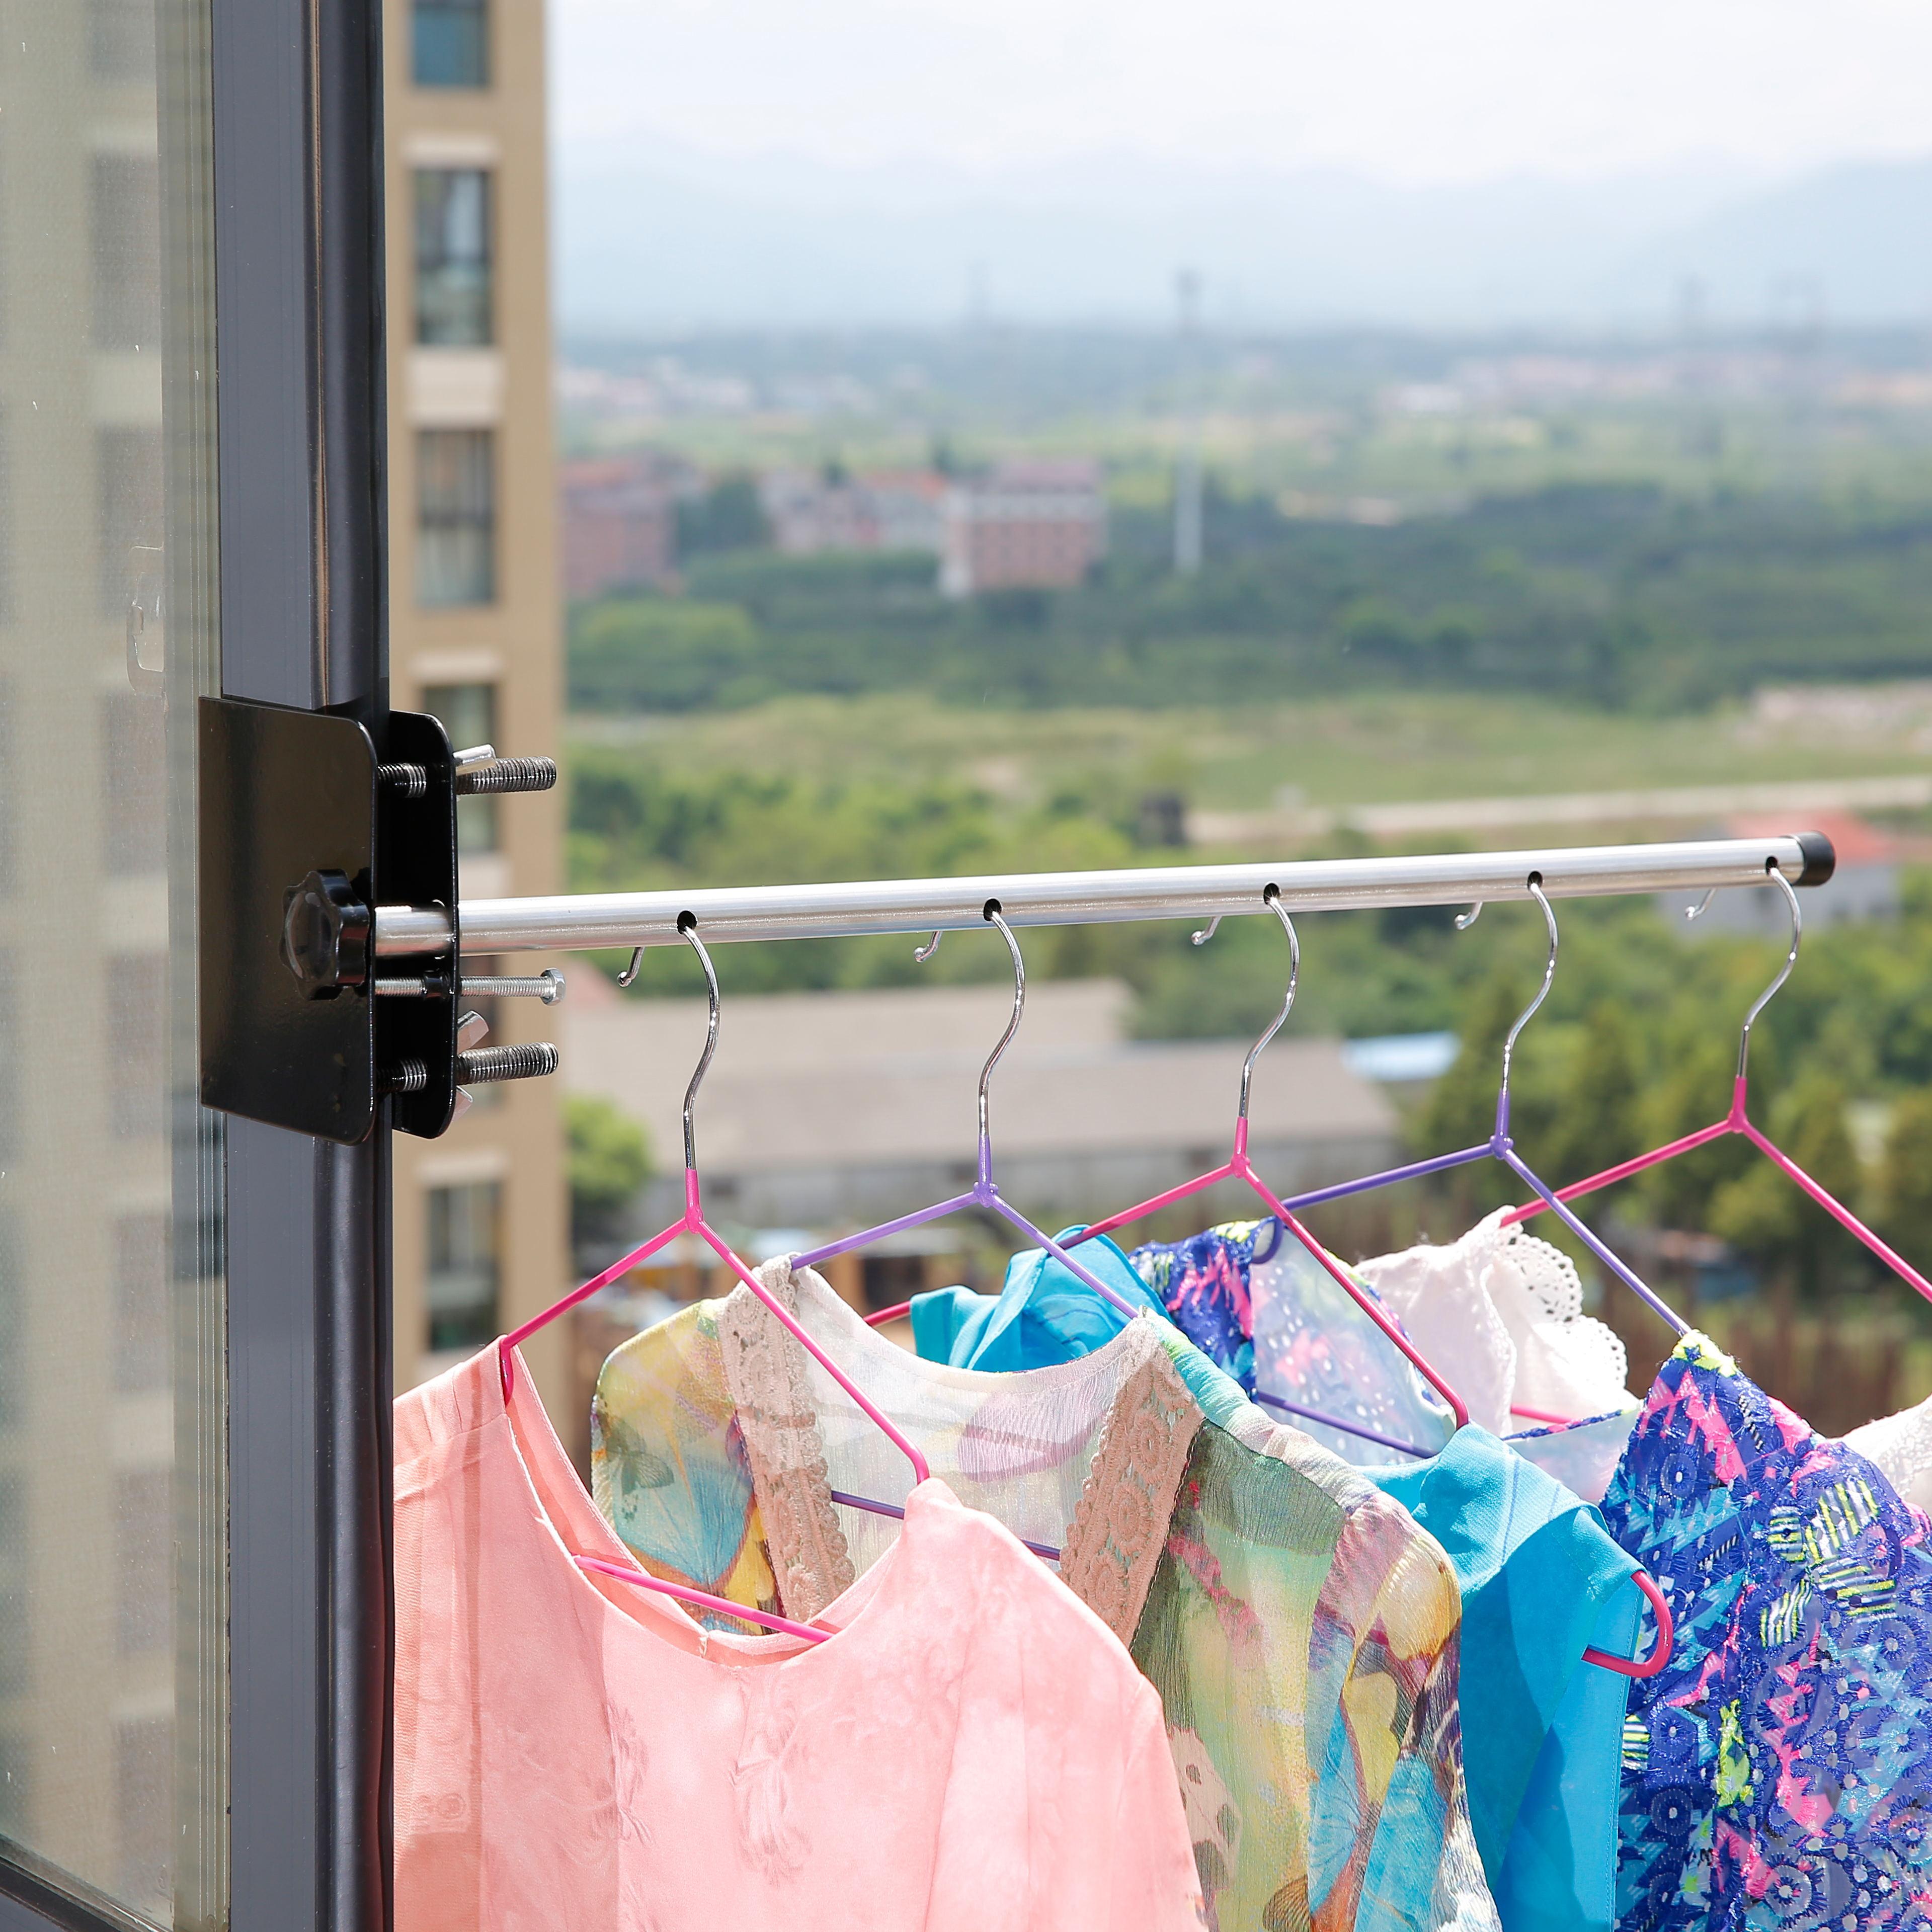 窗台晾衣架 挂衣杆架宿舍挂衣架  阳台窗户衣架室内晒衣架子